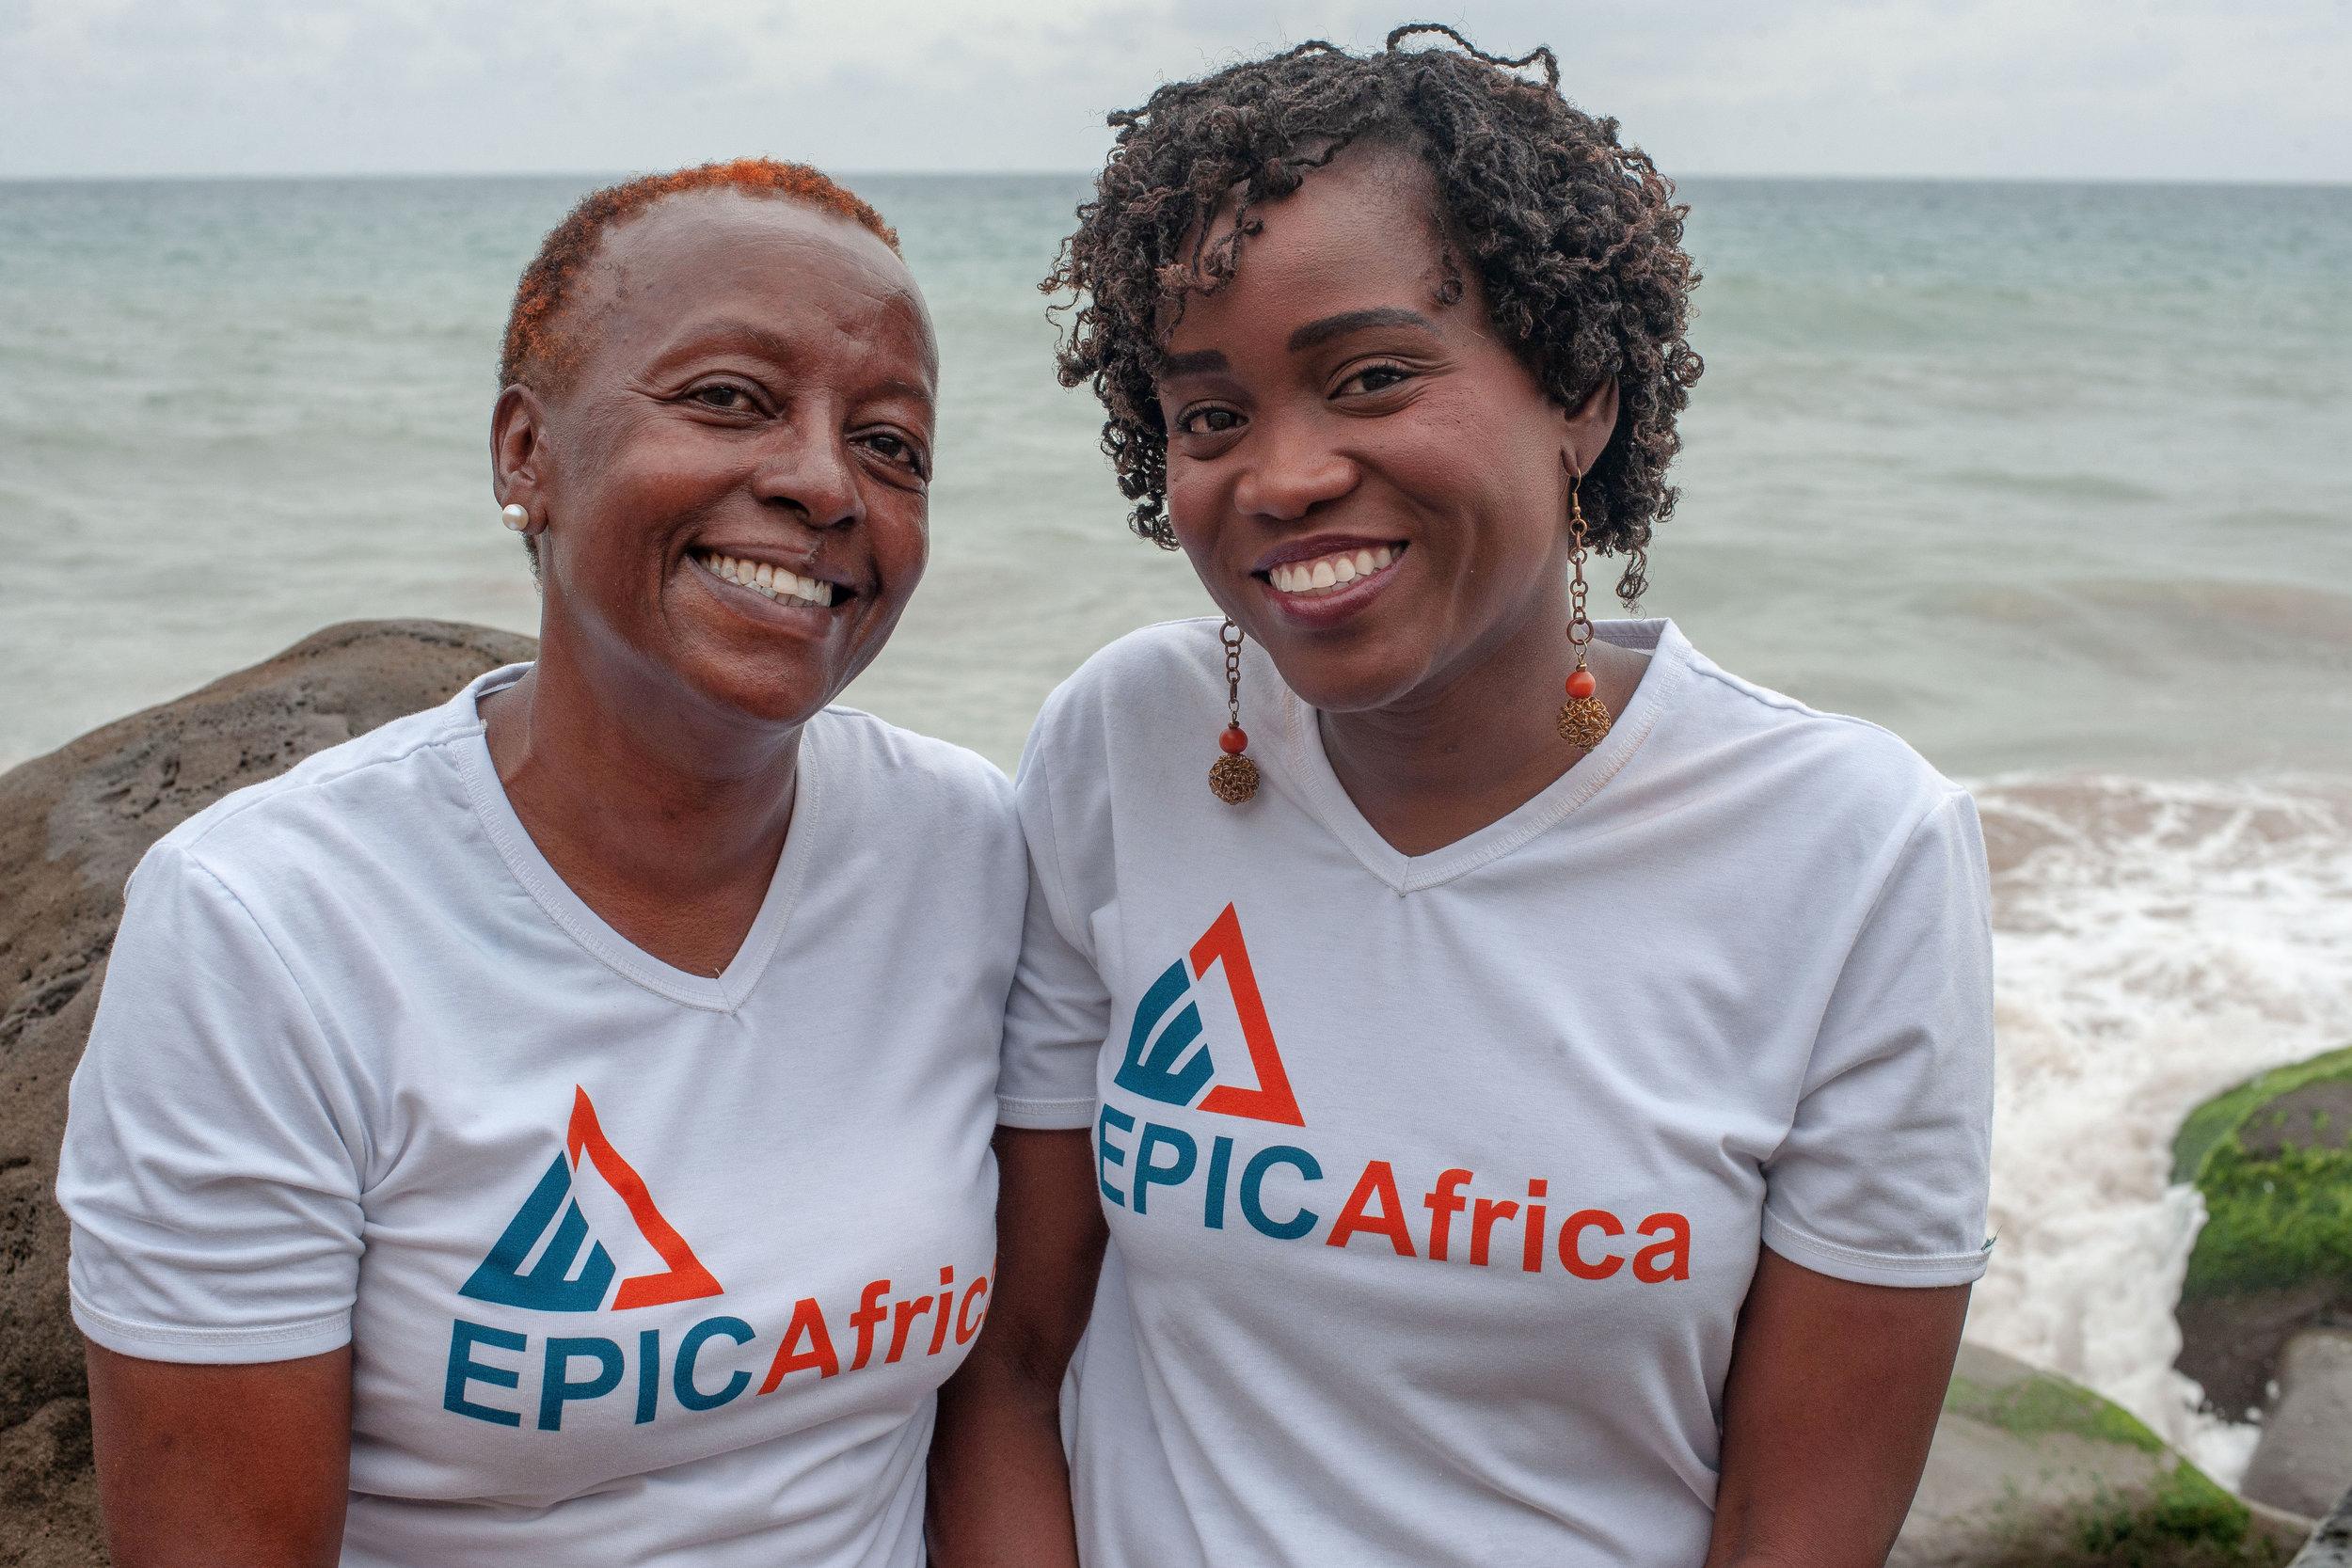 EPIC-Africa a été fondée par Rose Maruru et Adwoa Agyeman, qui ensemble, possèdent plus de 25 ans d'expérience dans l'octroi de subventions et le développement de stratégies visant à renforcer l'efficacité organisationnelle des OSC en Afrique.  .